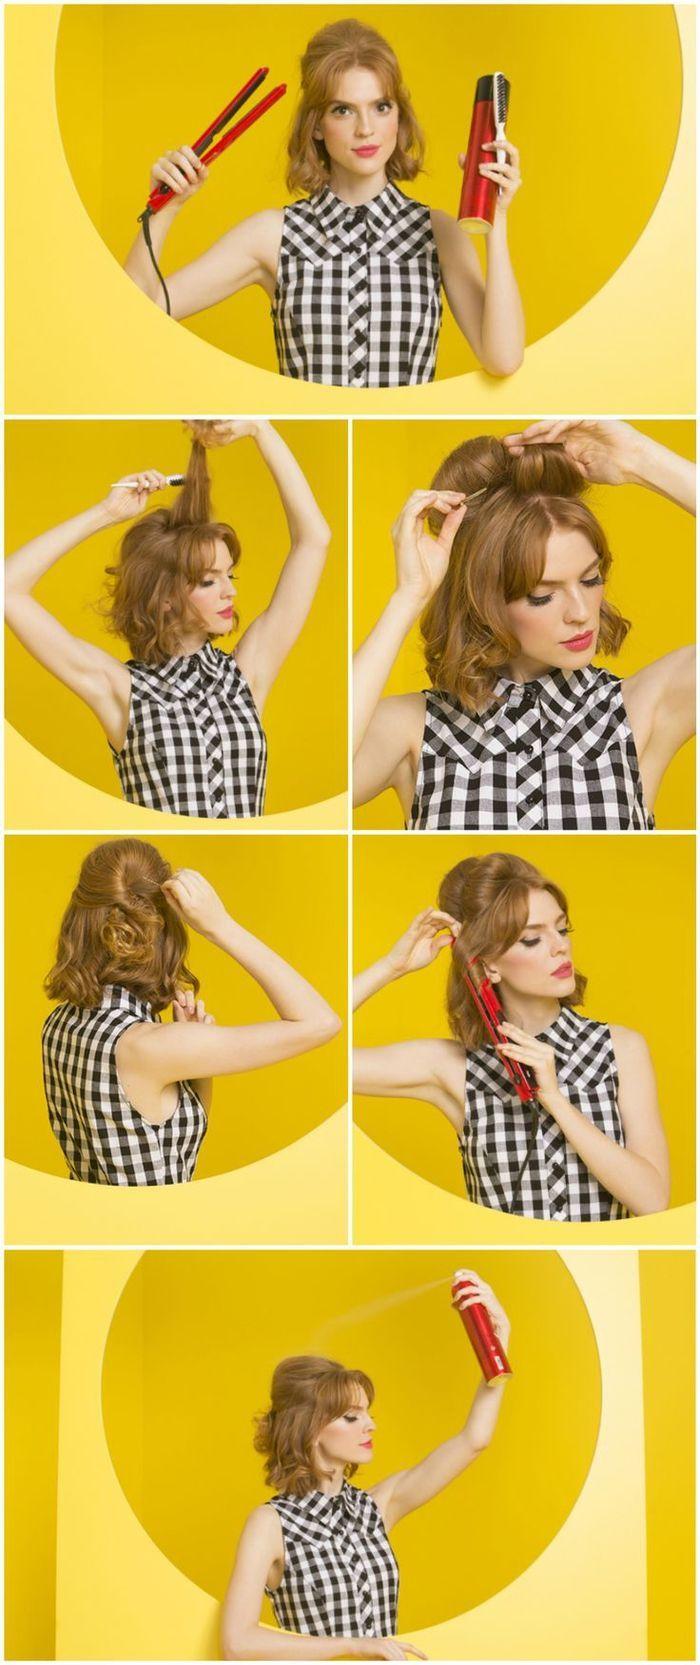 Idée Coiffure : Description un tuto coiffure cheveux courts pour un look rétro chic avec du volume sur le haut de la tête - #Coiffure https://madame.tn/beaute/coiffure/idee-coiffure-un-tuto-coiffure-cheveux-courts-pour-un-look-retro-chic-avec-du-volume-sur-le-h/